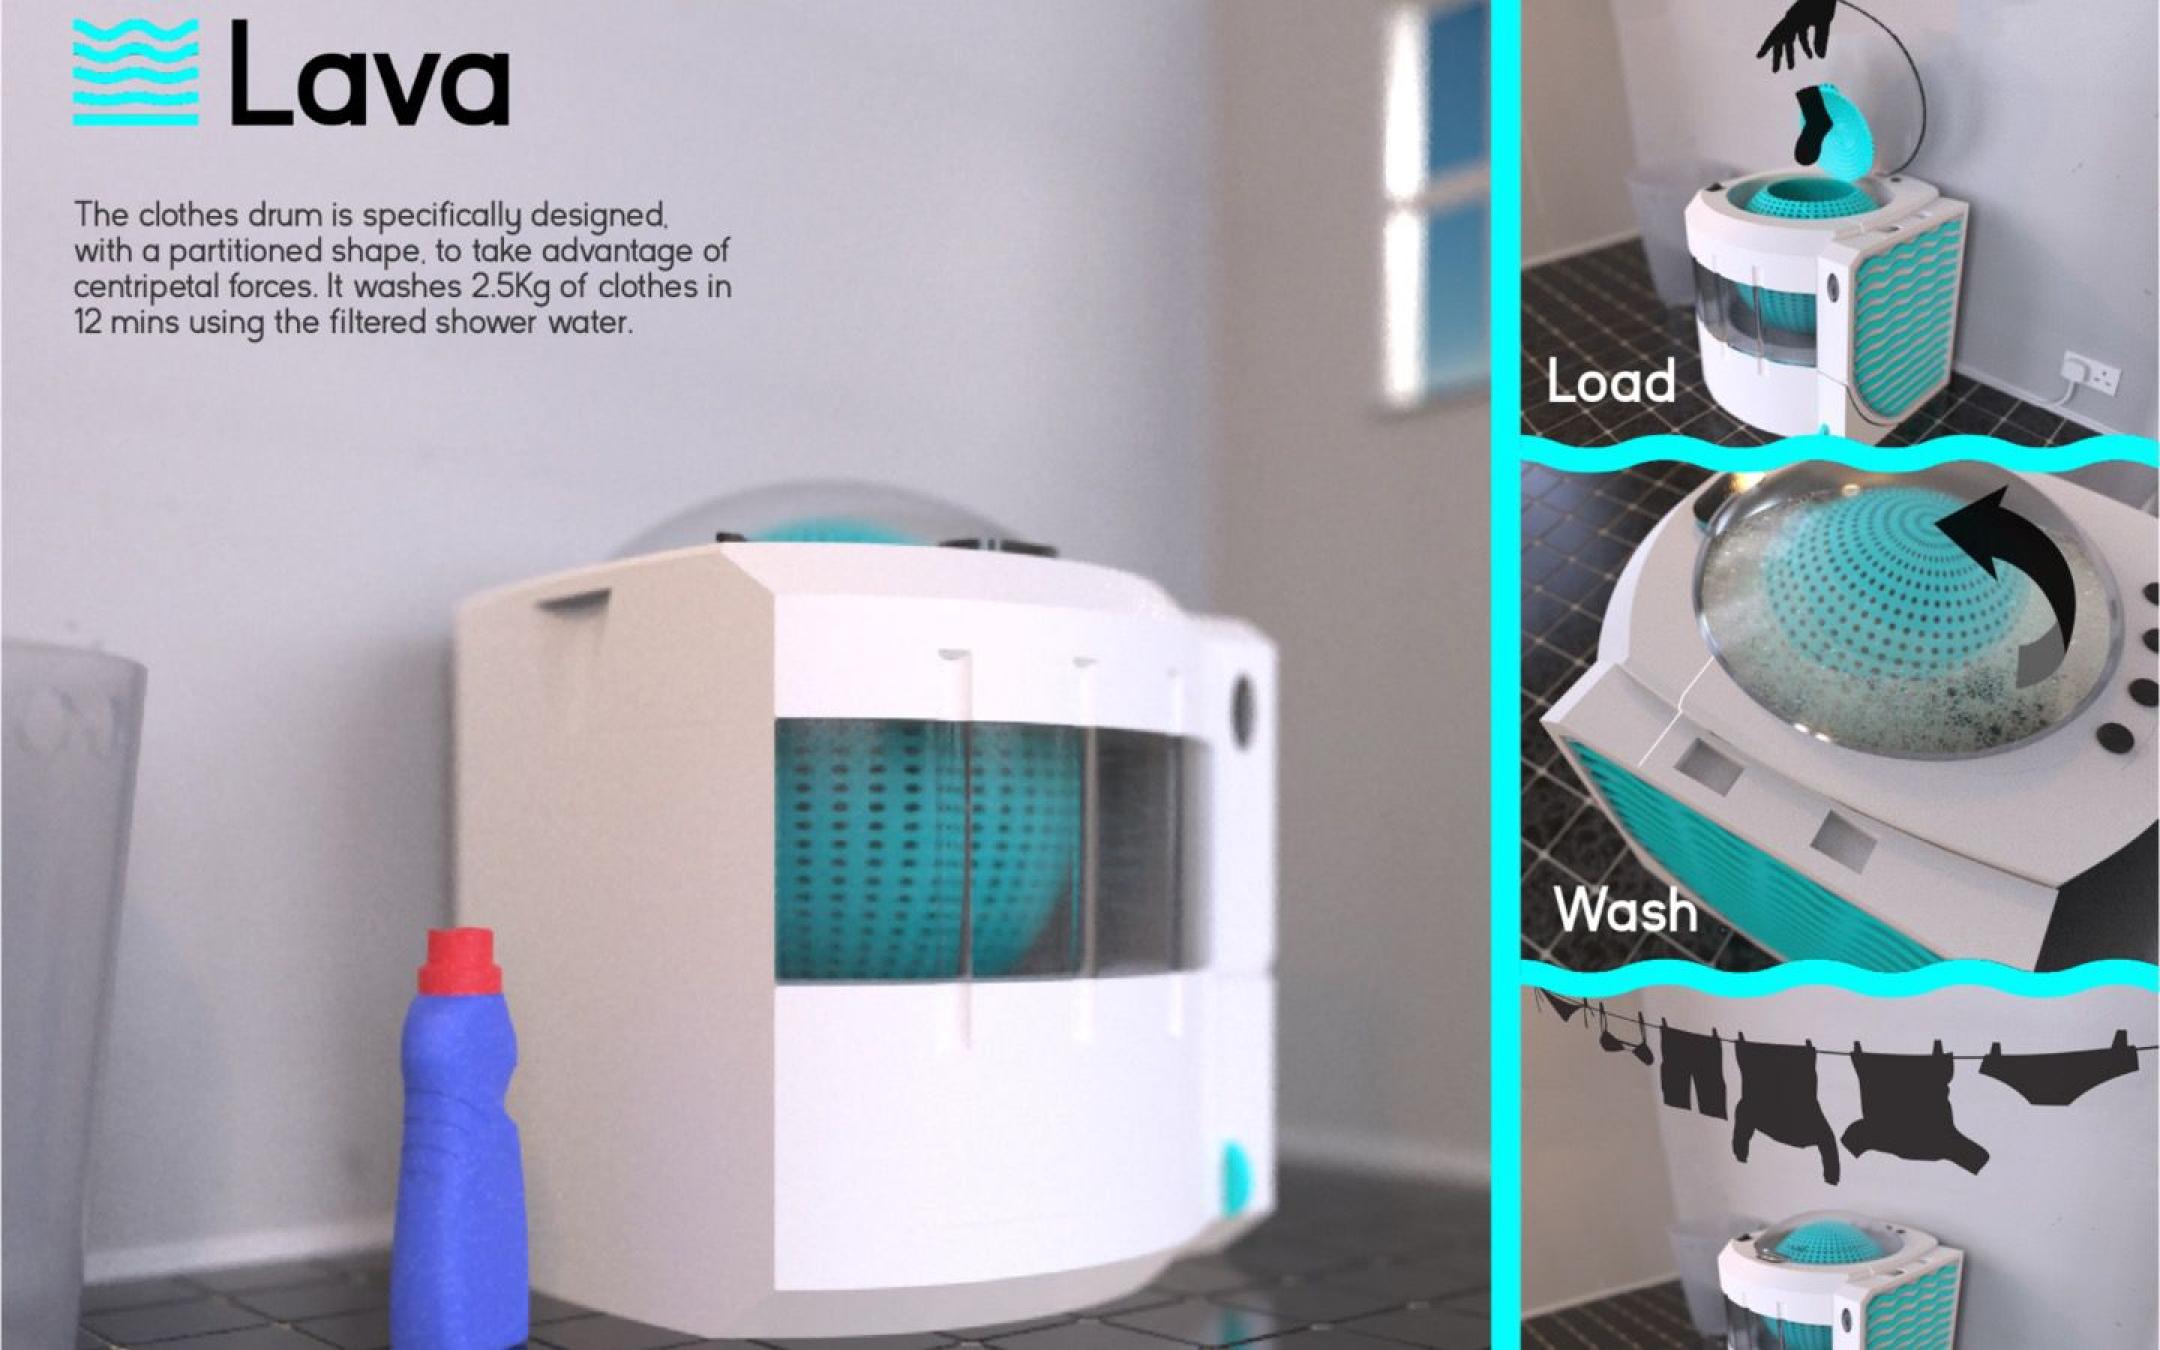 Lava: Aqua X